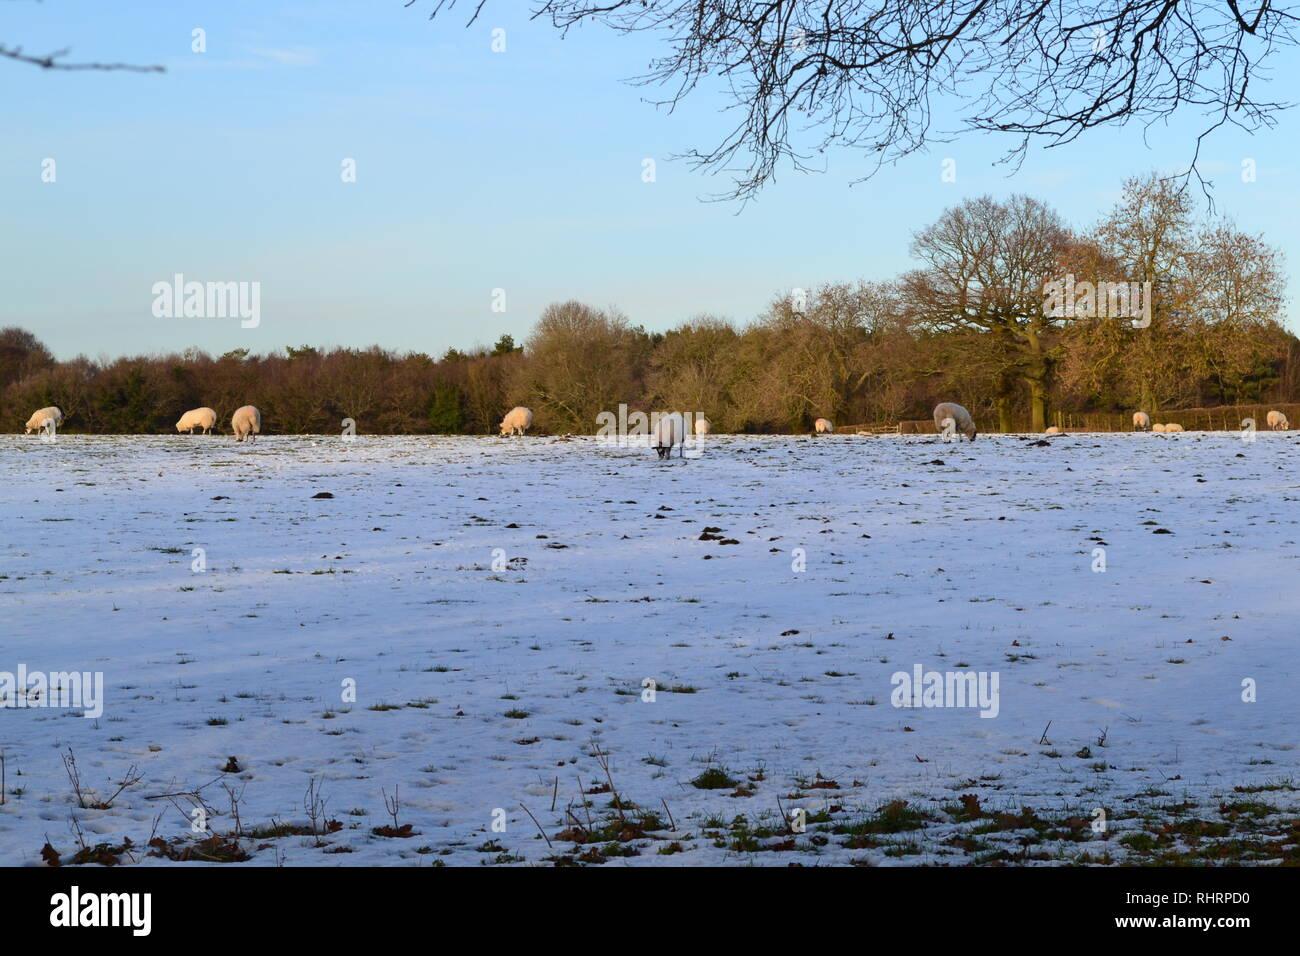 Hermoso invierno suave luz cae sobre las ovejas que pastan en los campos alto en las llanuras del norte, en la cumbre de Fackenden abajo, Shoreham, Kent, Inglaterra Foto de stock